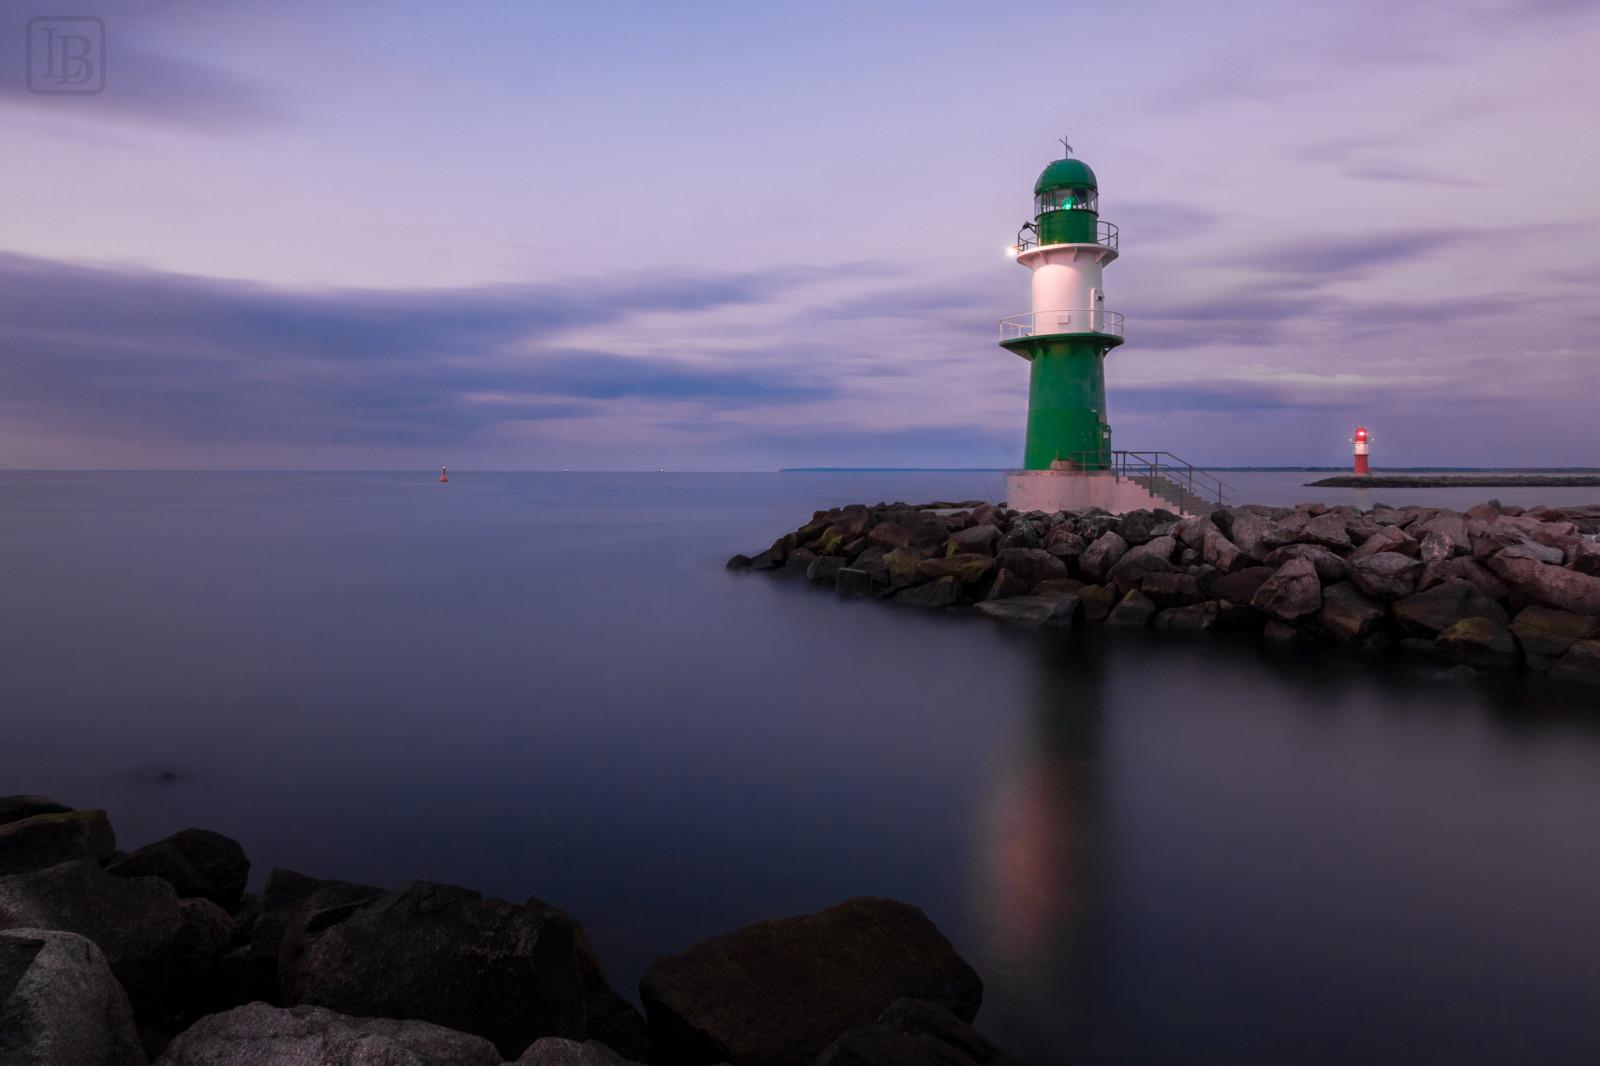 Fond d'écran : mer, eau, rive, réflexion, ciel, calme, soir, la tour, côte, phare, horizon ...